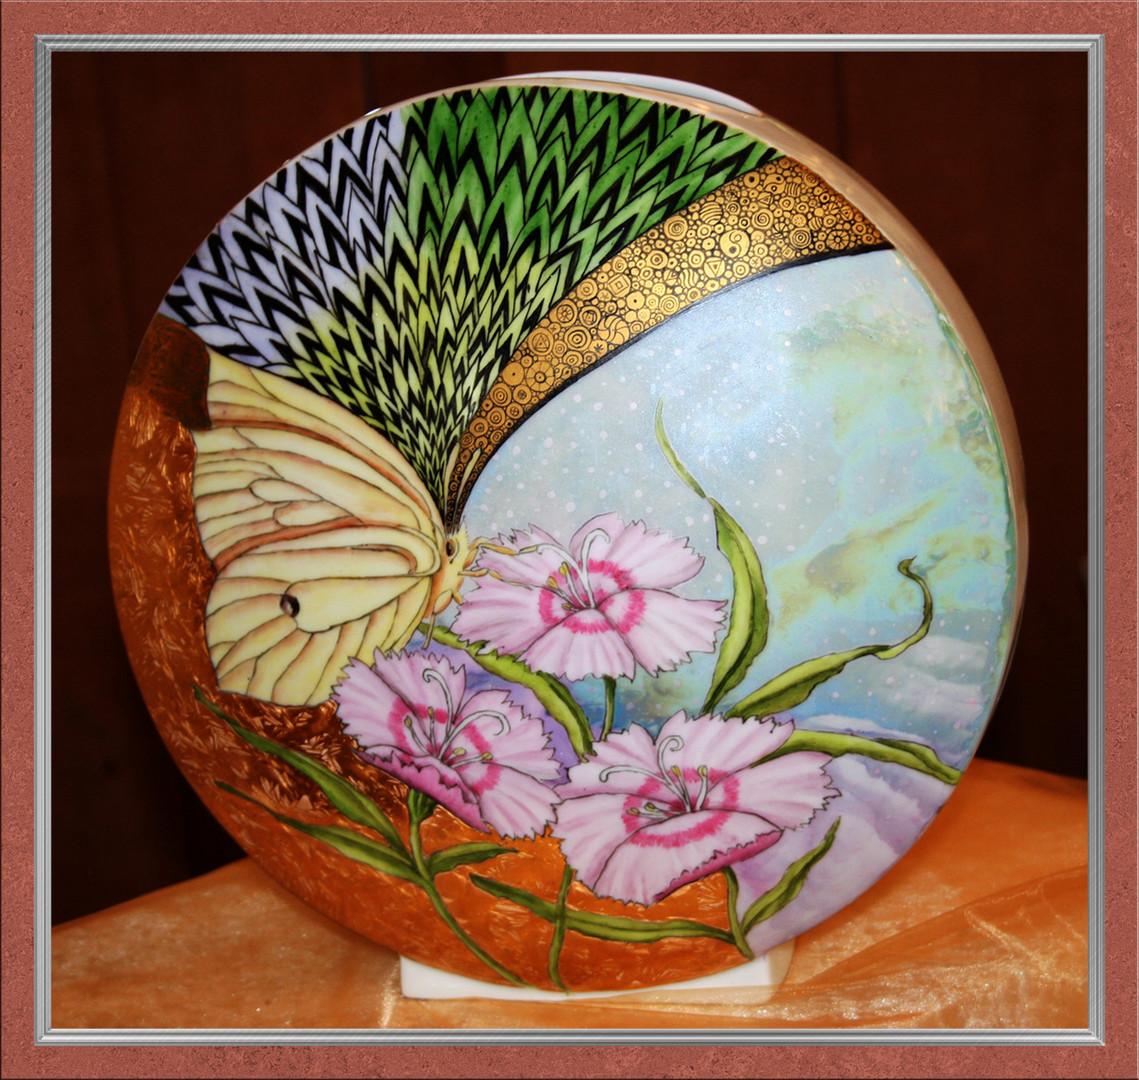 Runde Vase - Handgemalt